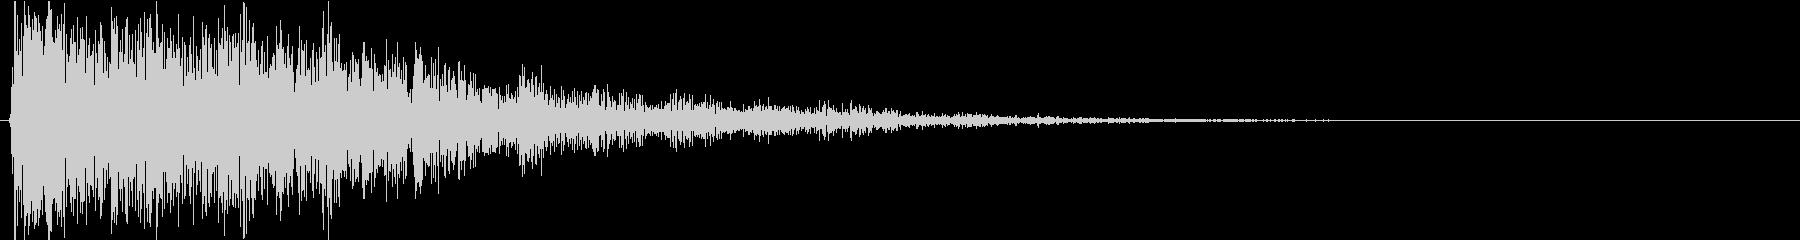 ホラー向けのインパクトのある音の未再生の波形